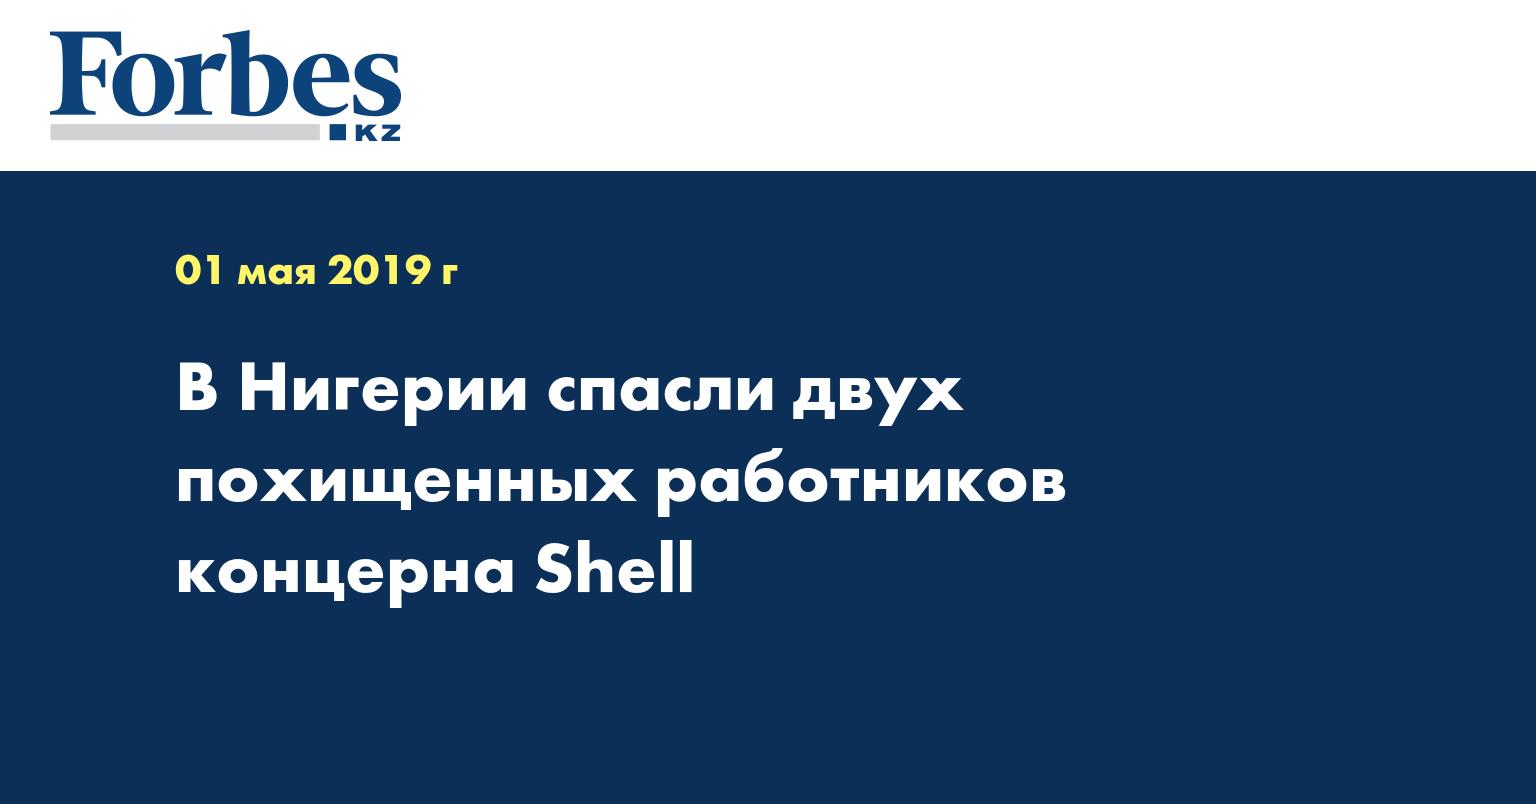 В Нигерии спасли двух похищенных работников концерна Shell